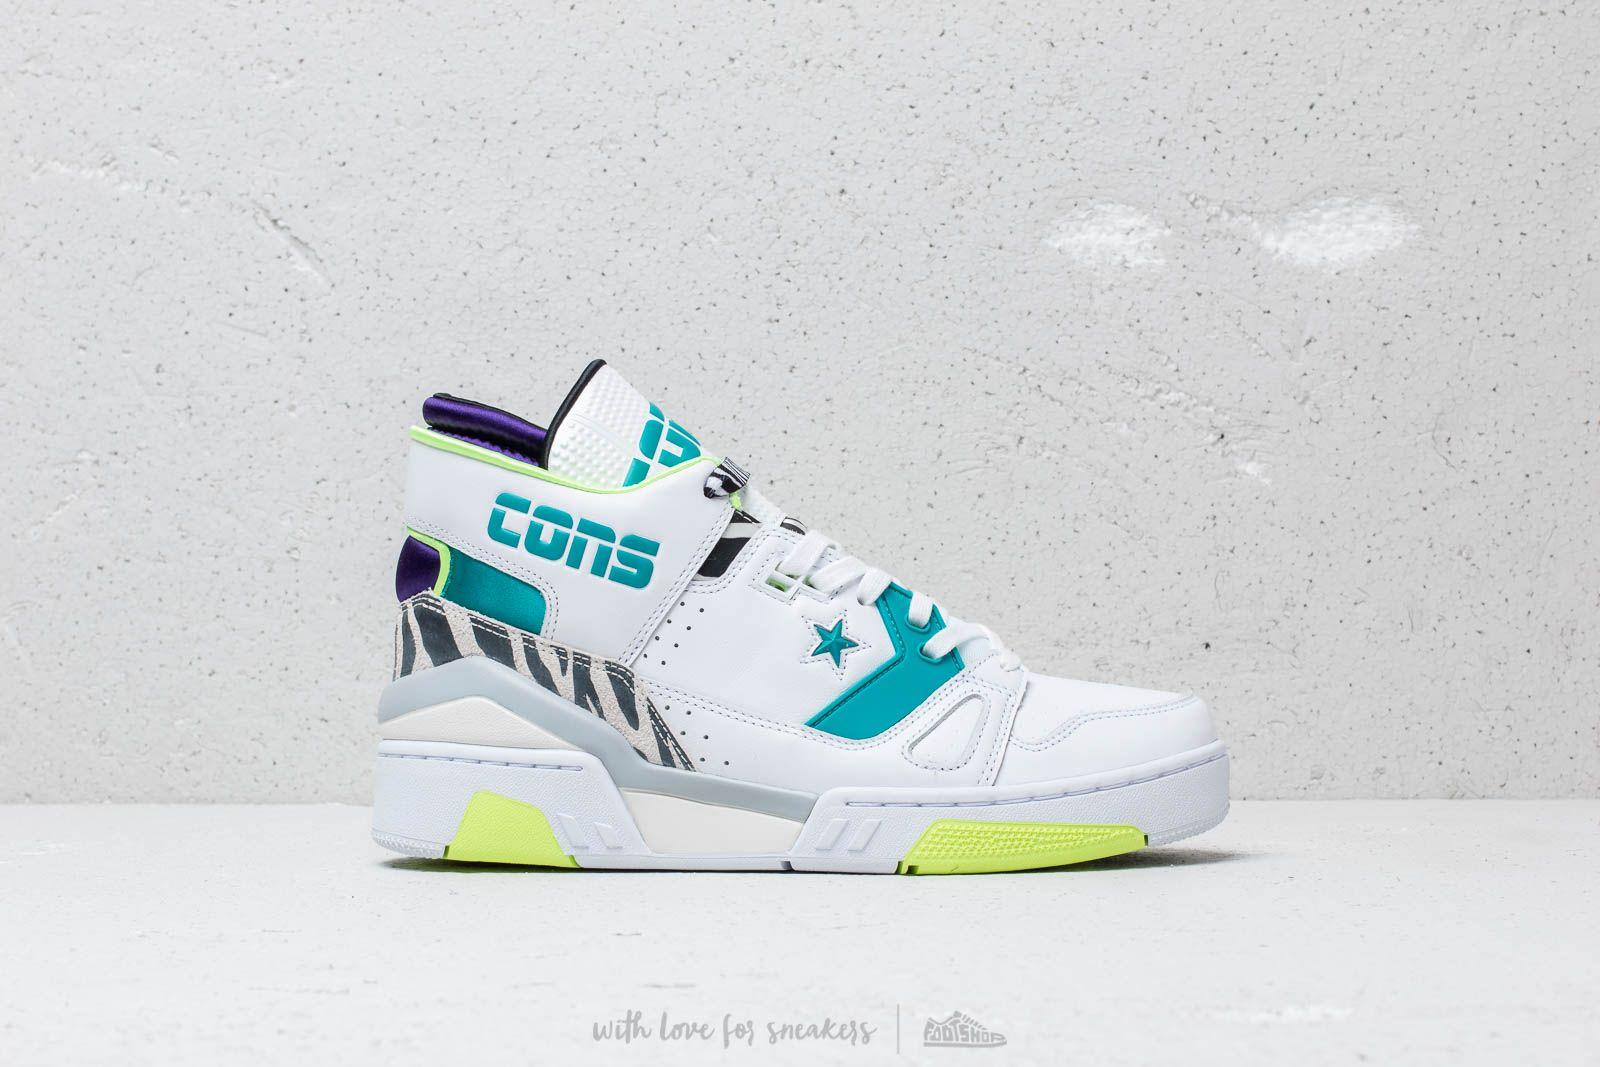 Converse x Don C ERX 260 Mid White Rapid Teal Court Purple | Footshop